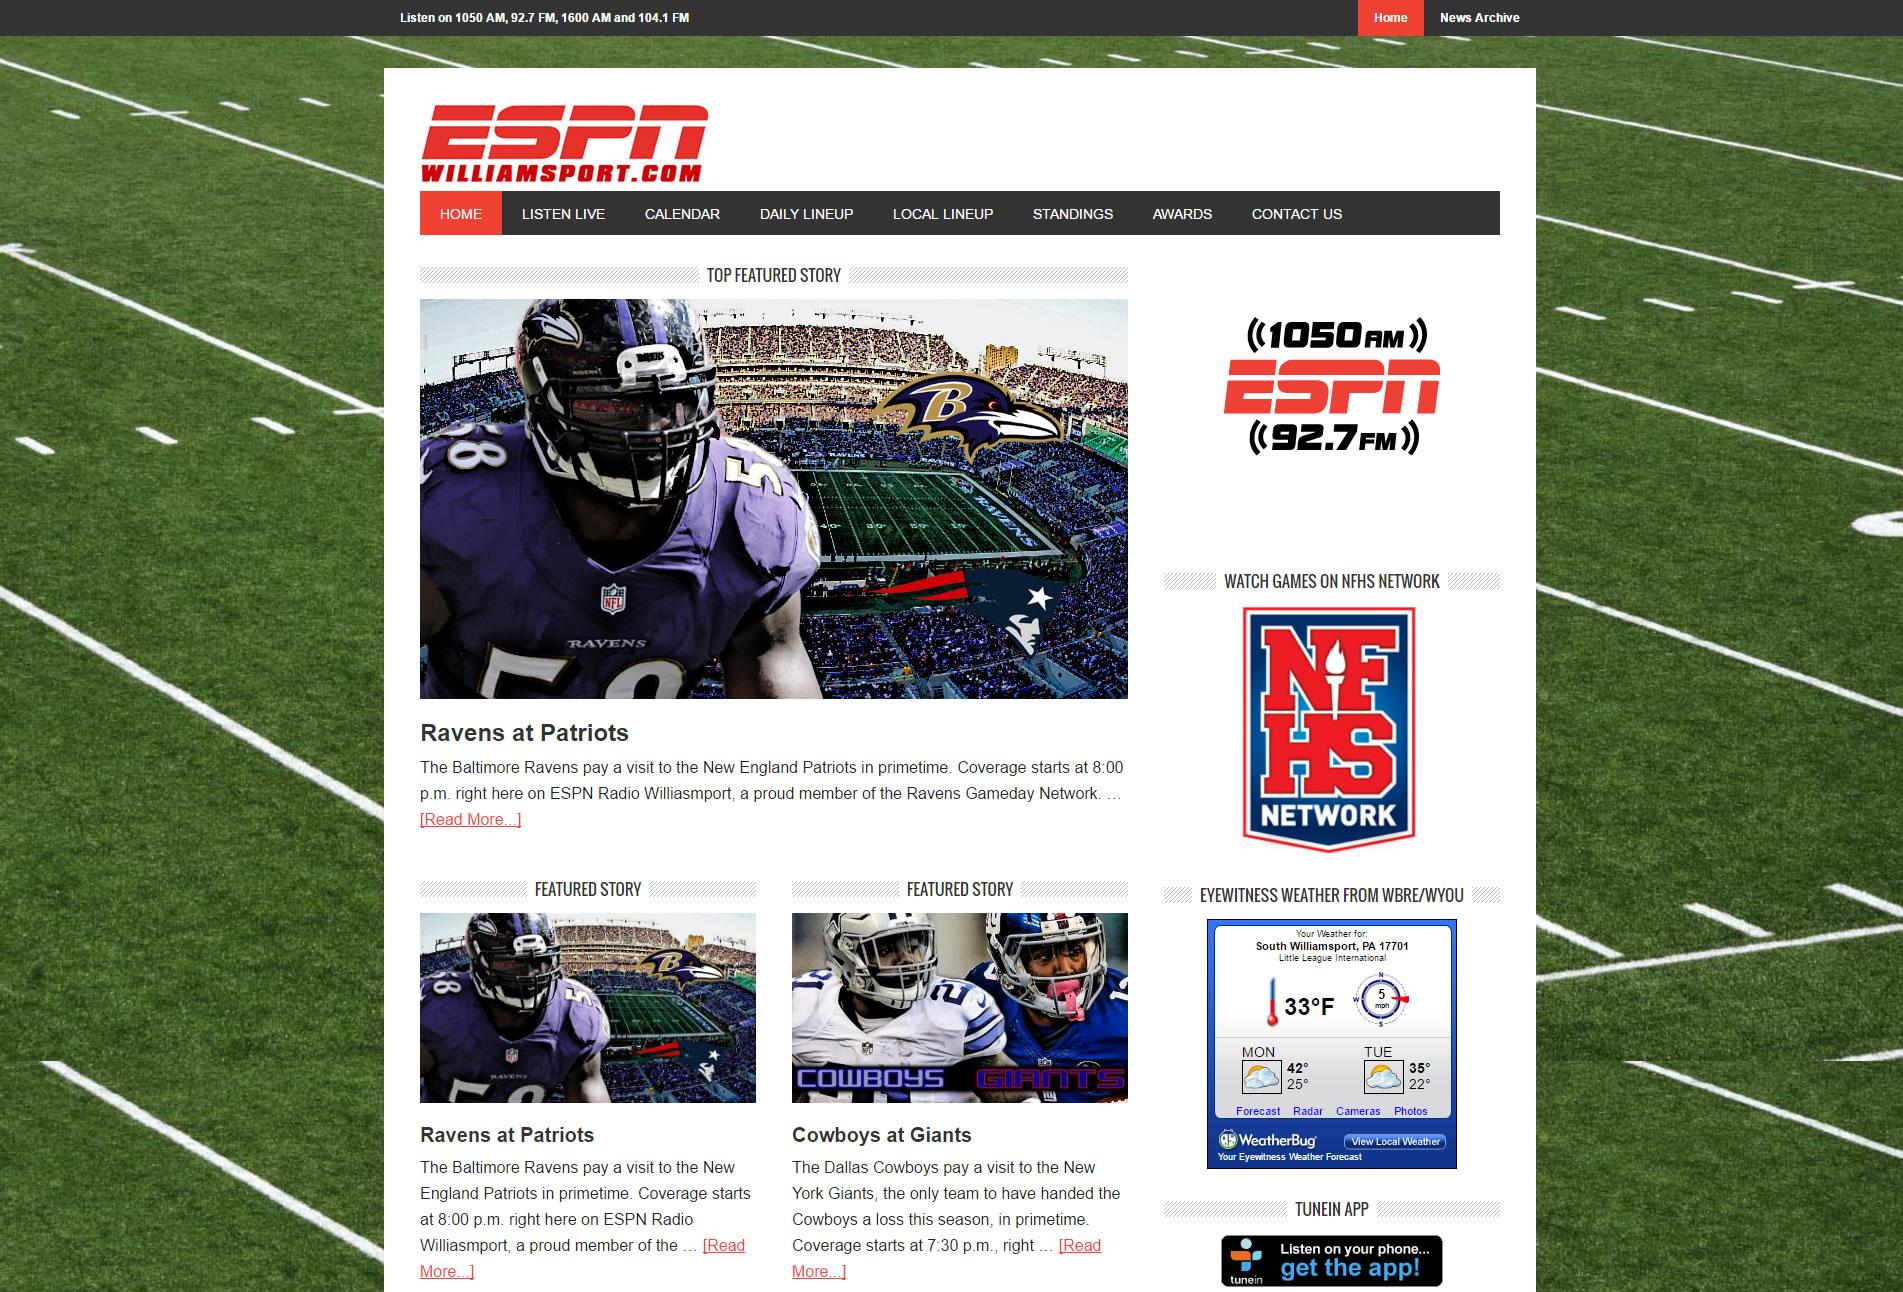 ESPN Williamsport